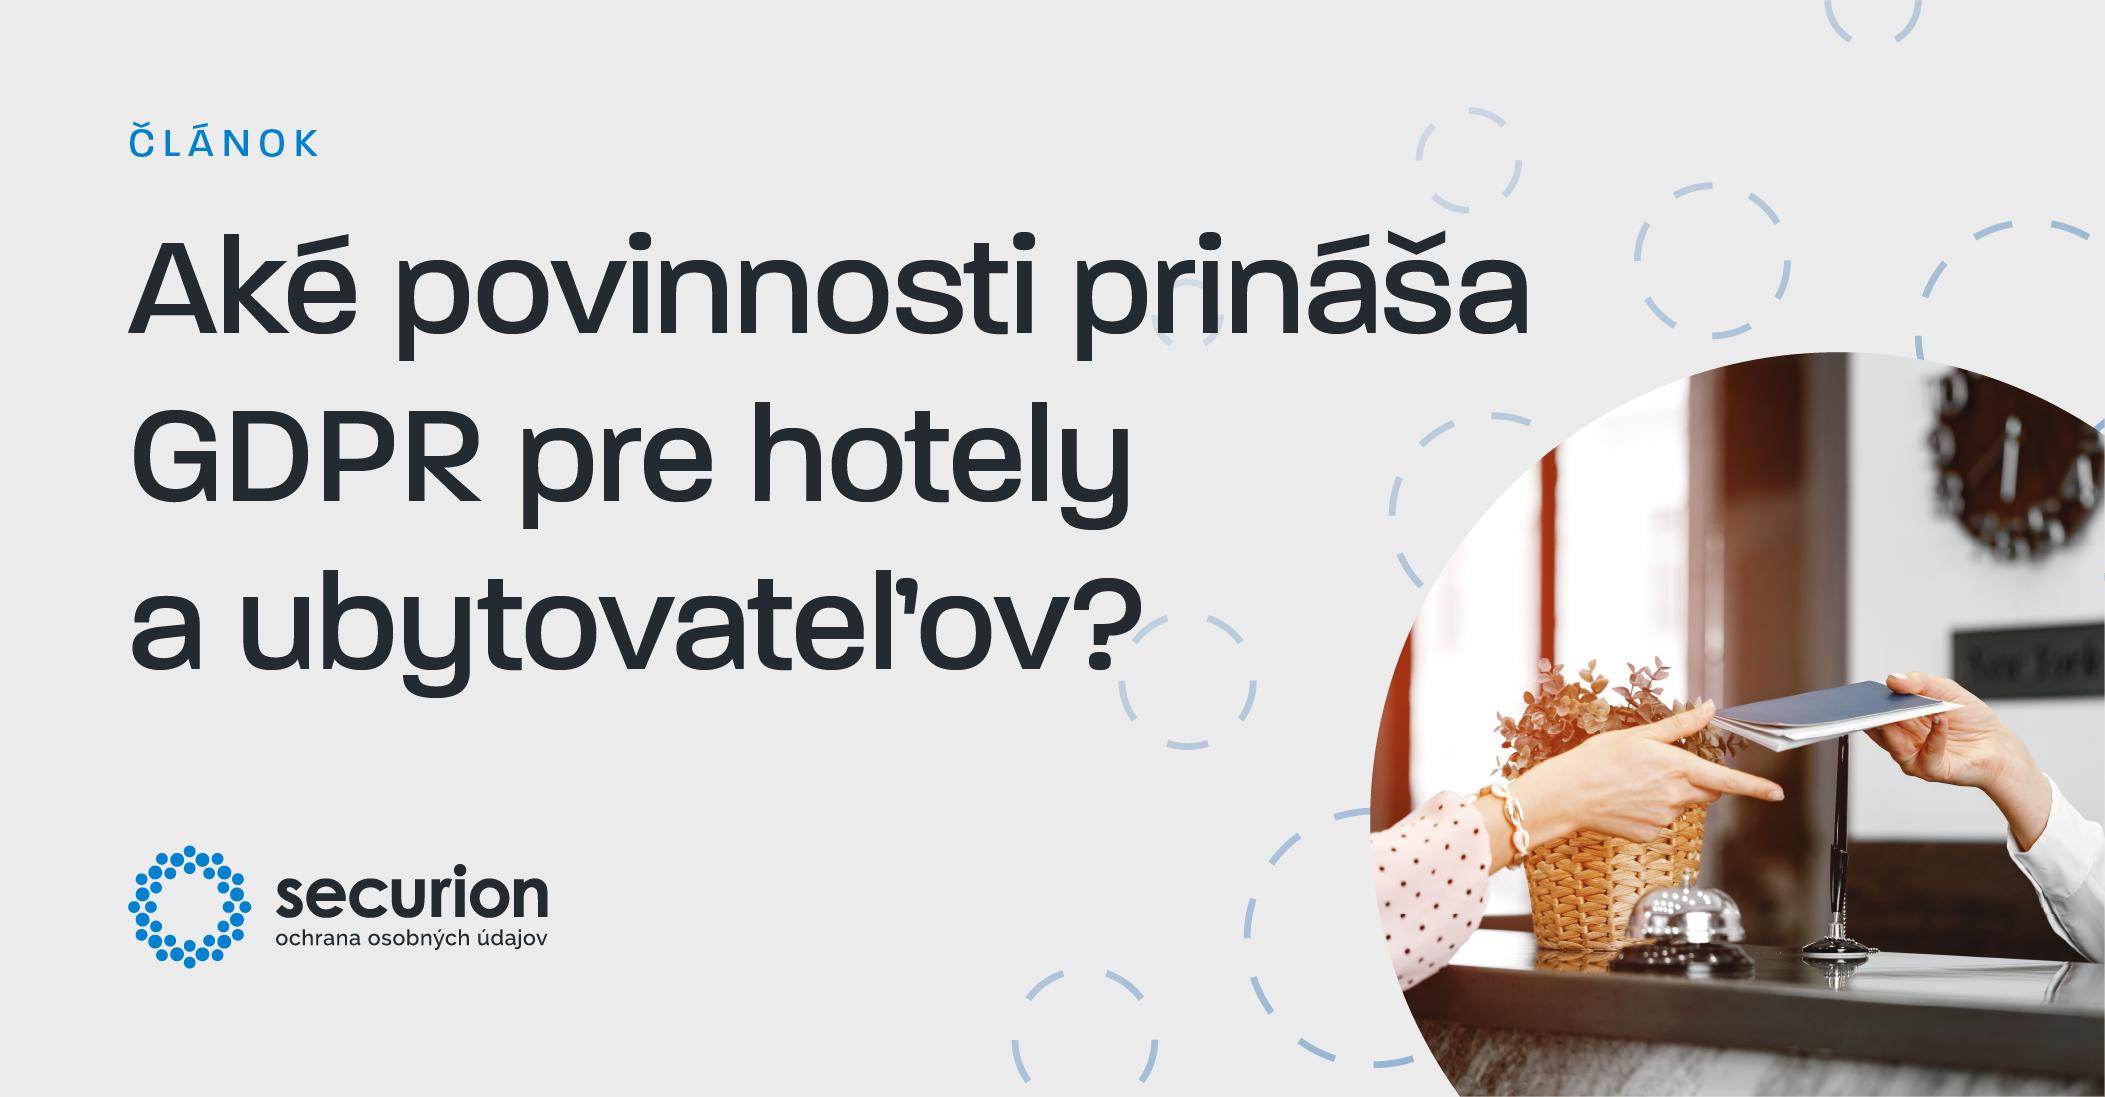 Aké povinnosti prináša GDPR pre hotely a ubytovateľov?